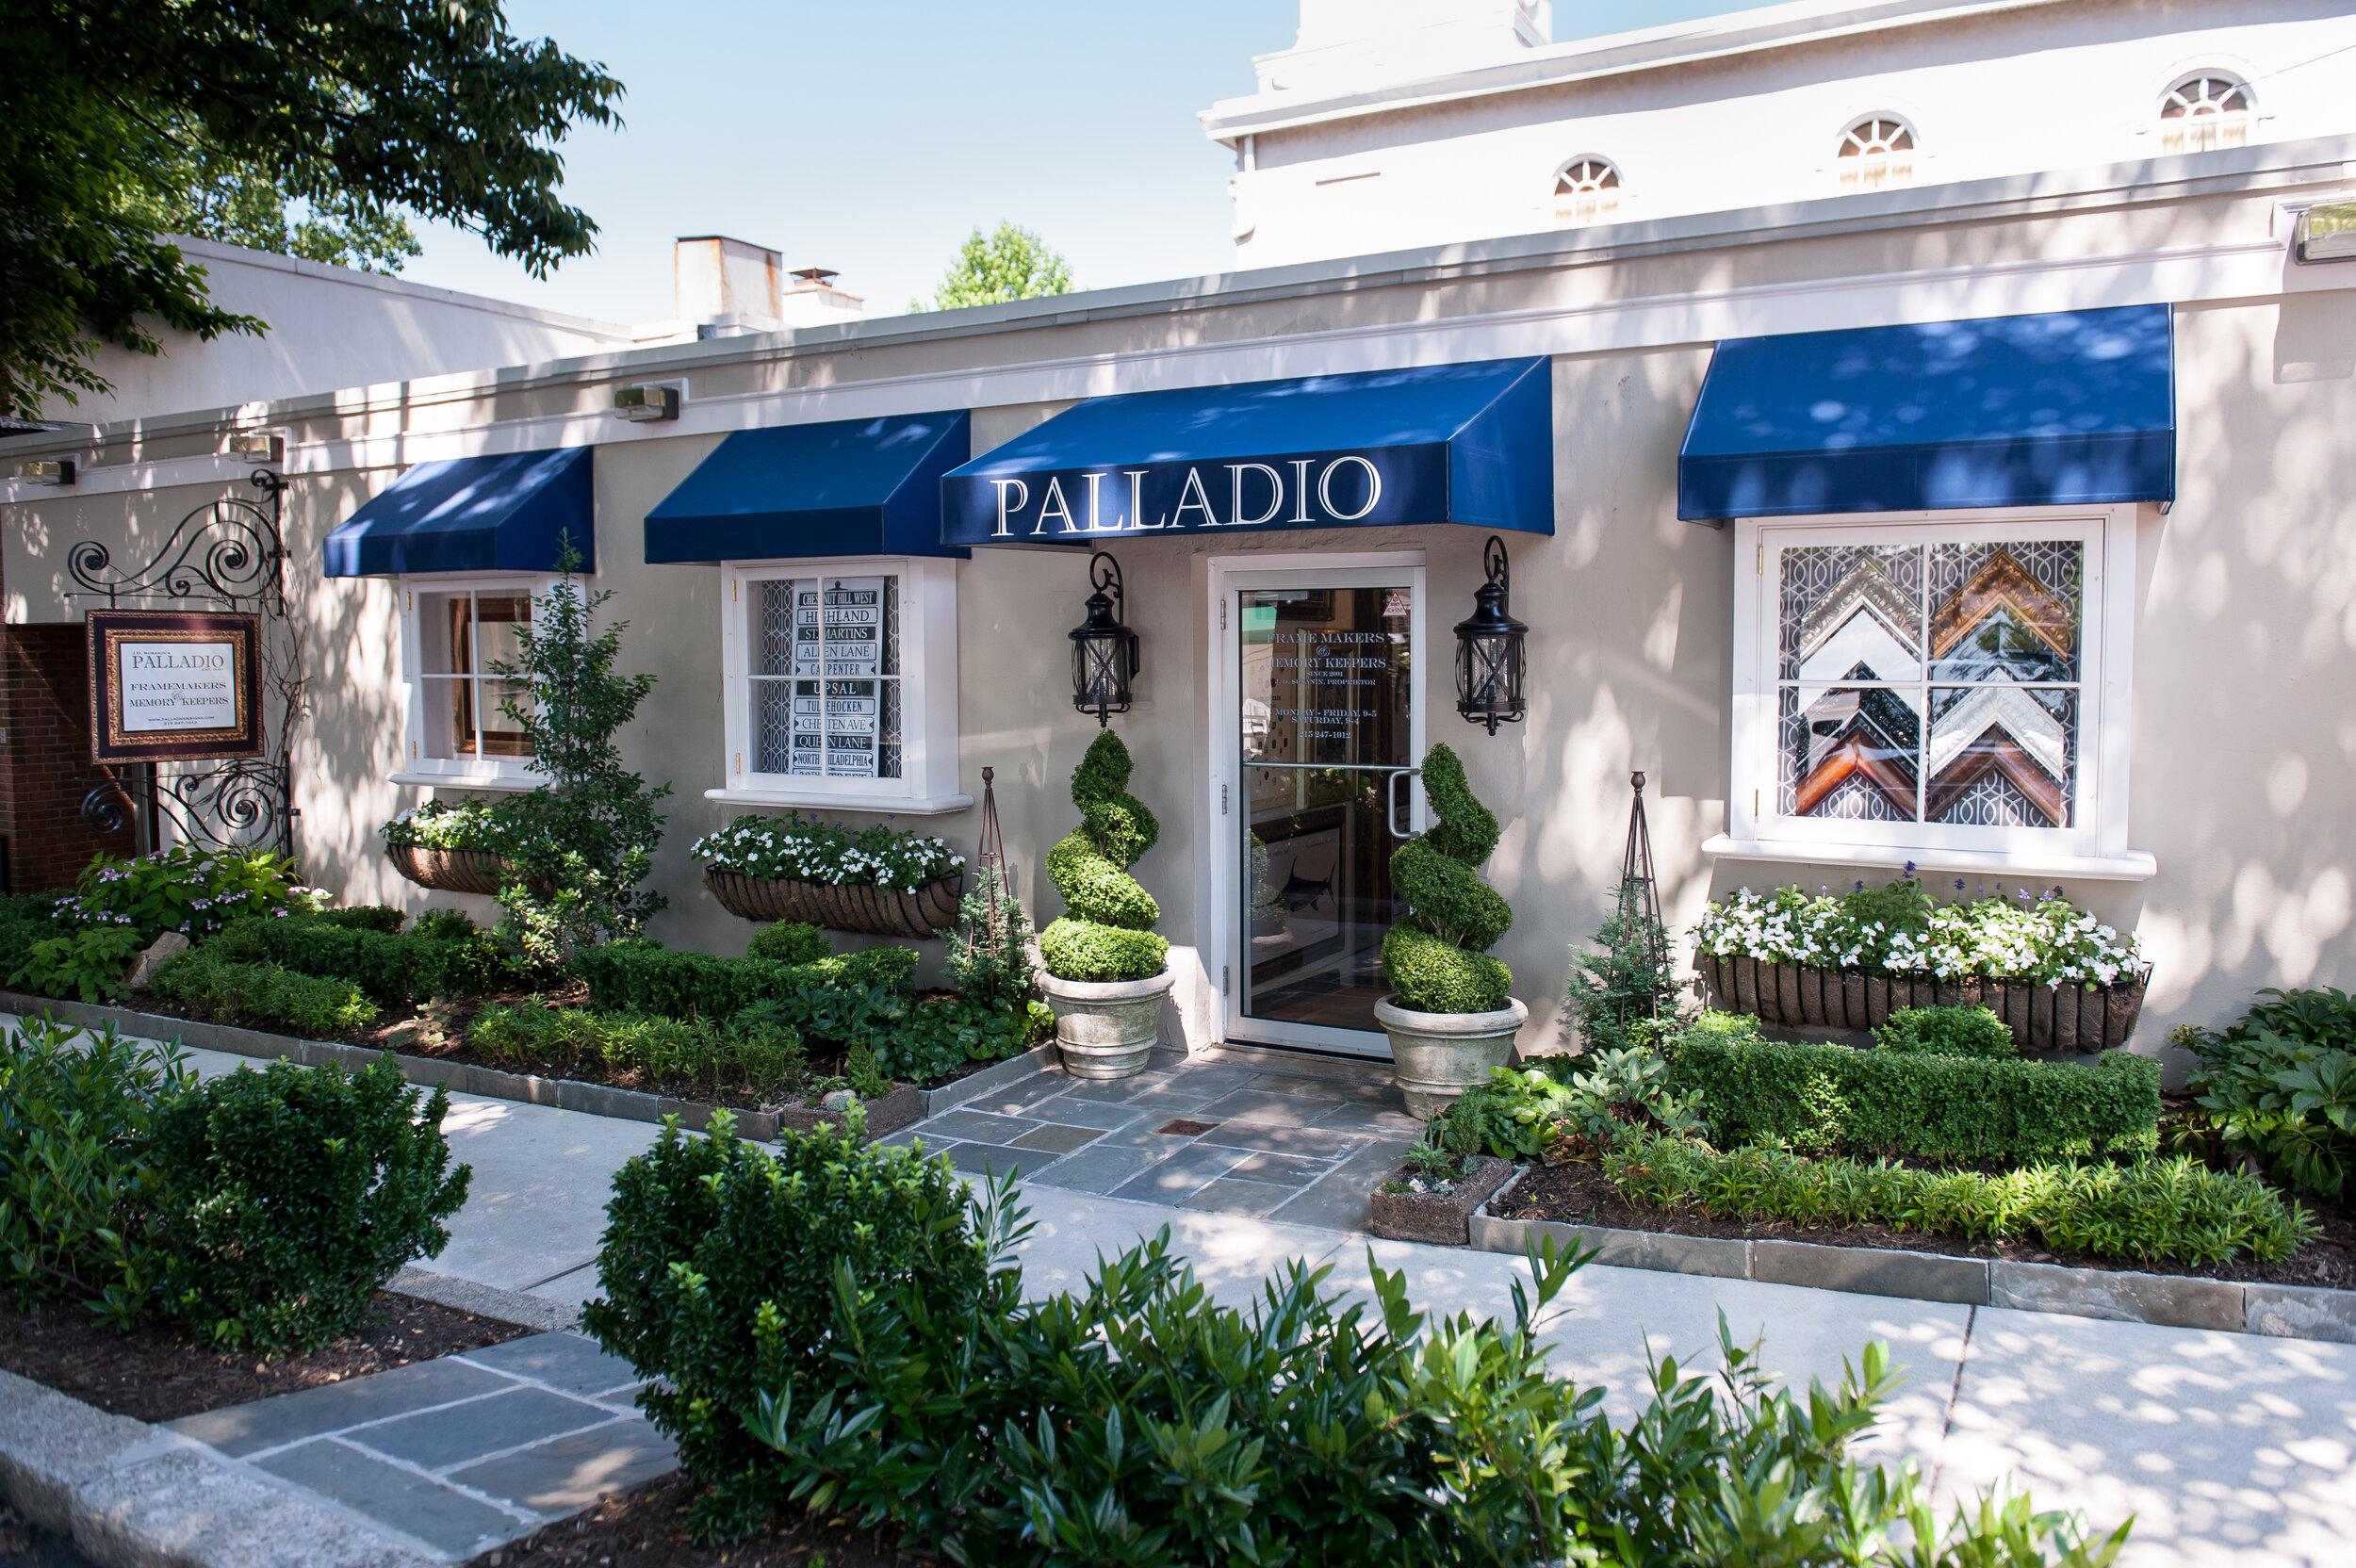 PALLADIO - Chestnut Hill Flagship Store